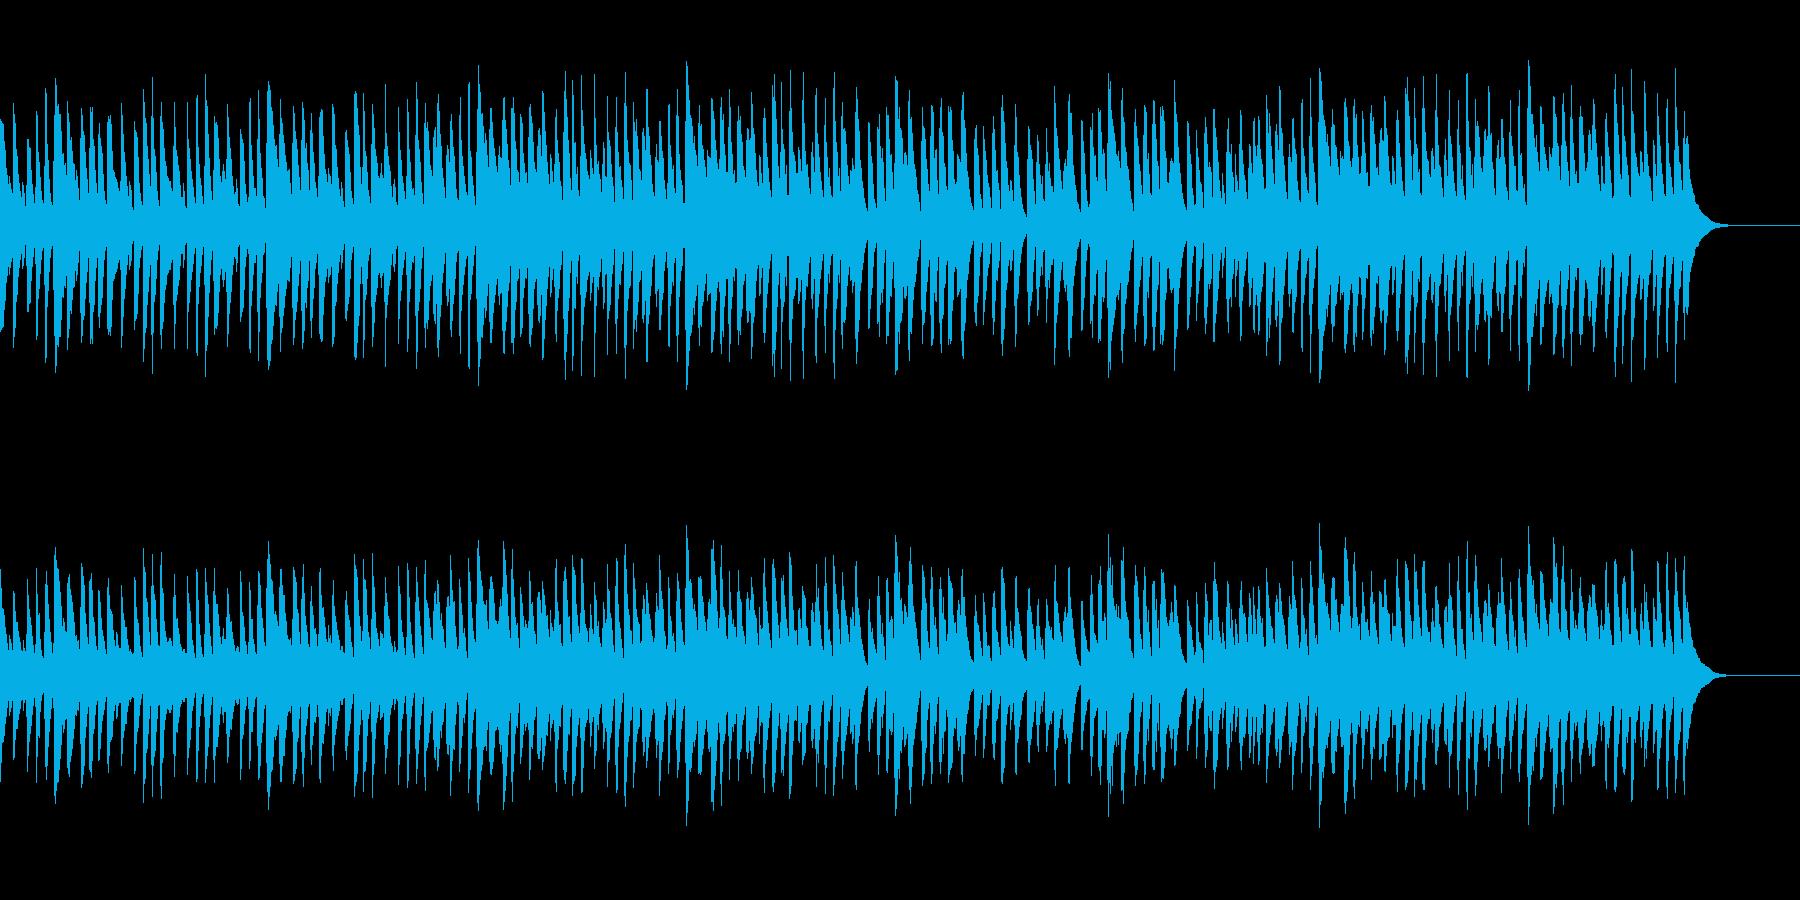 無邪気で優しい日常的なマリンバ曲の再生済みの波形